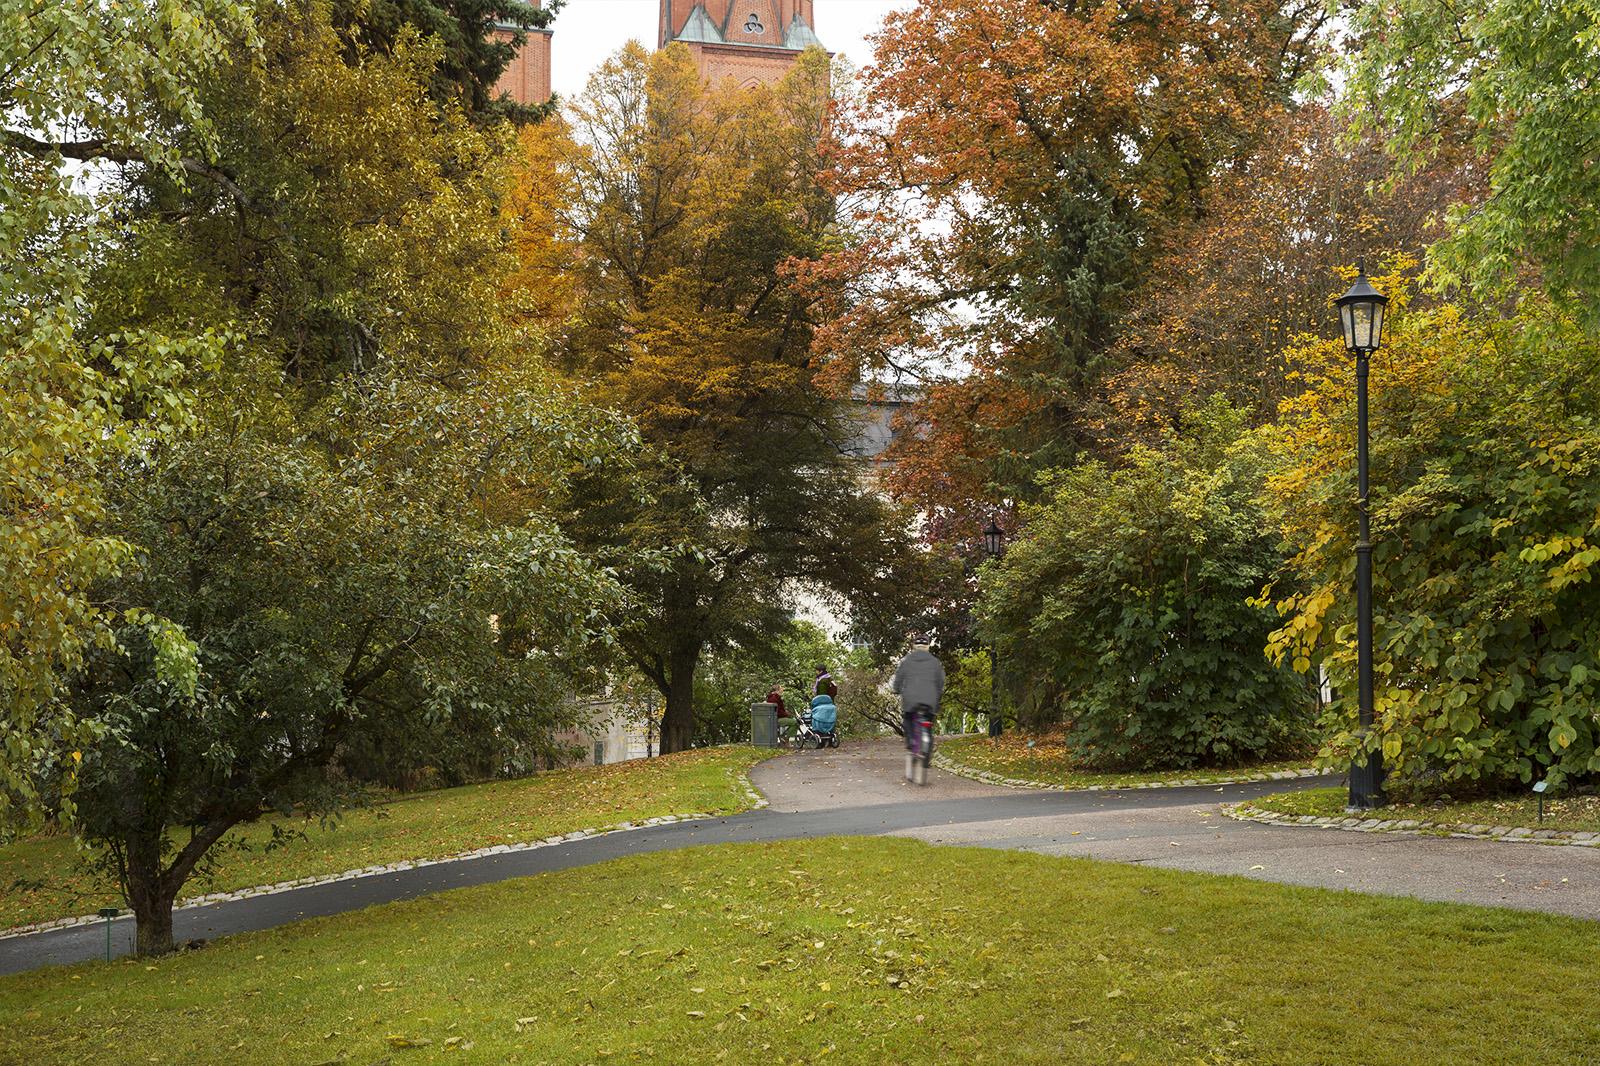 7_Uppsala_engelska_parken_före.jpg